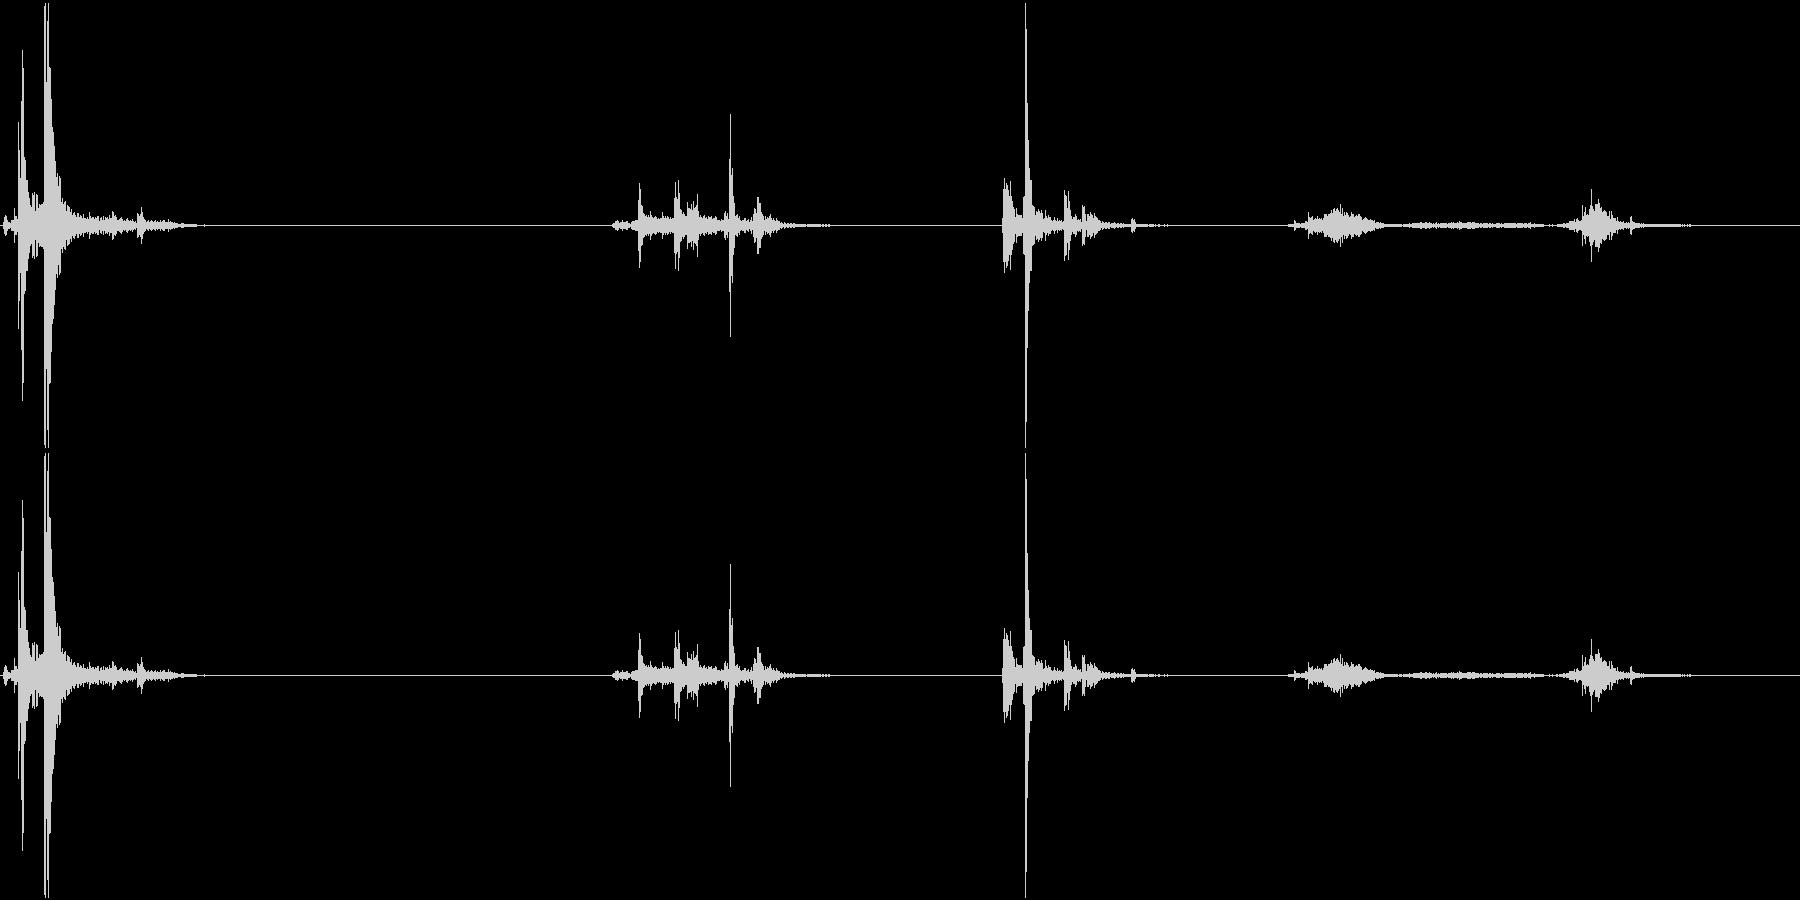 キュッキュッ(水筒の蓋を閉める音)2の未再生の波形